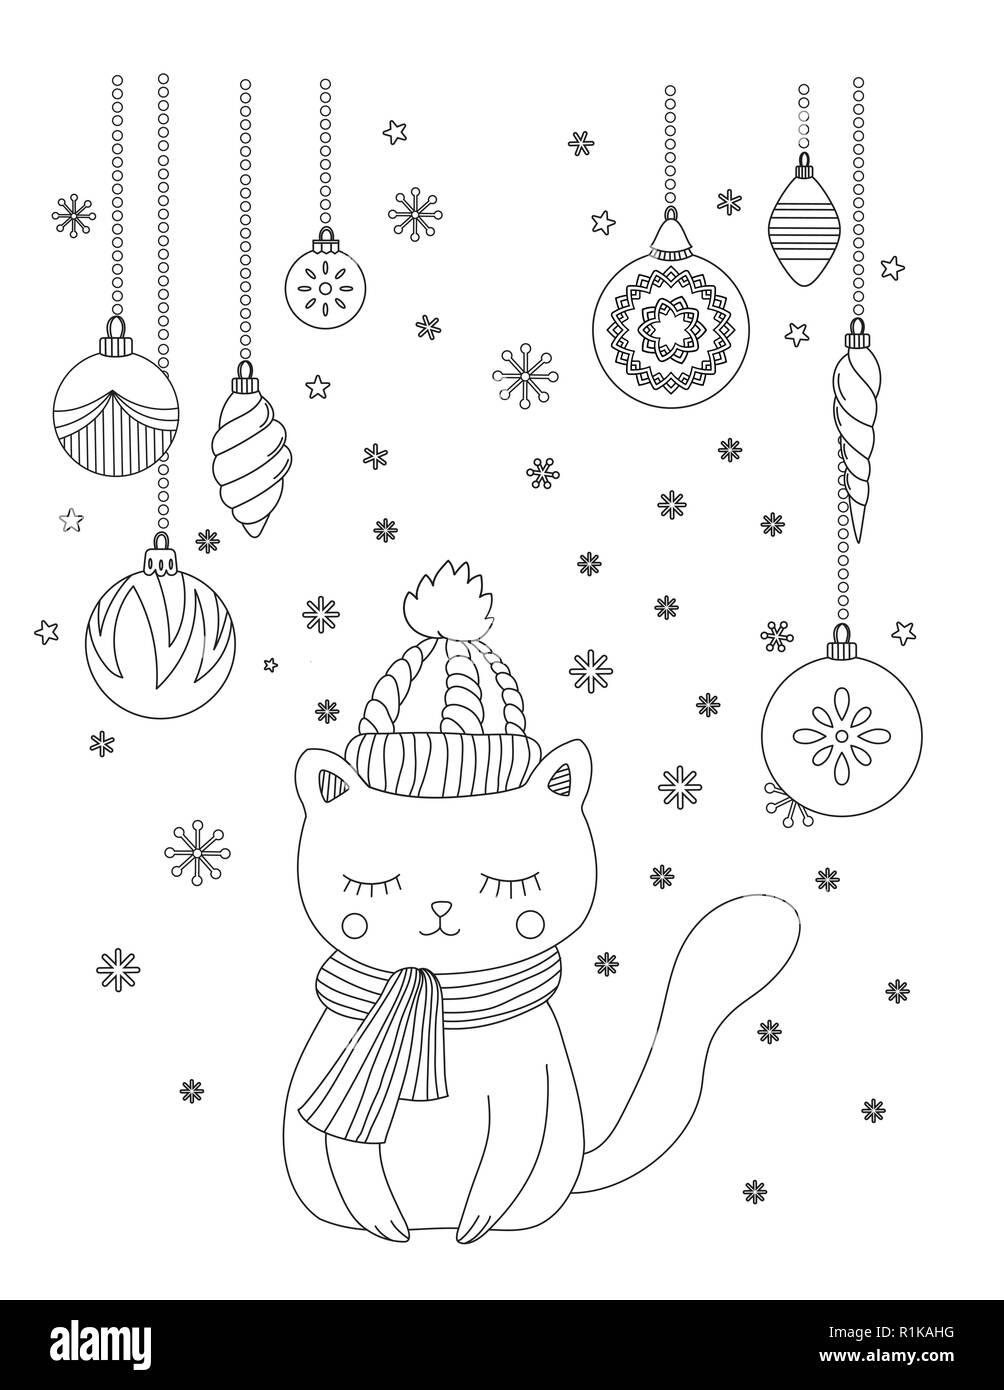 Natale Pagina Da Colorare Per Bambini E Adulti Cute Cat Con